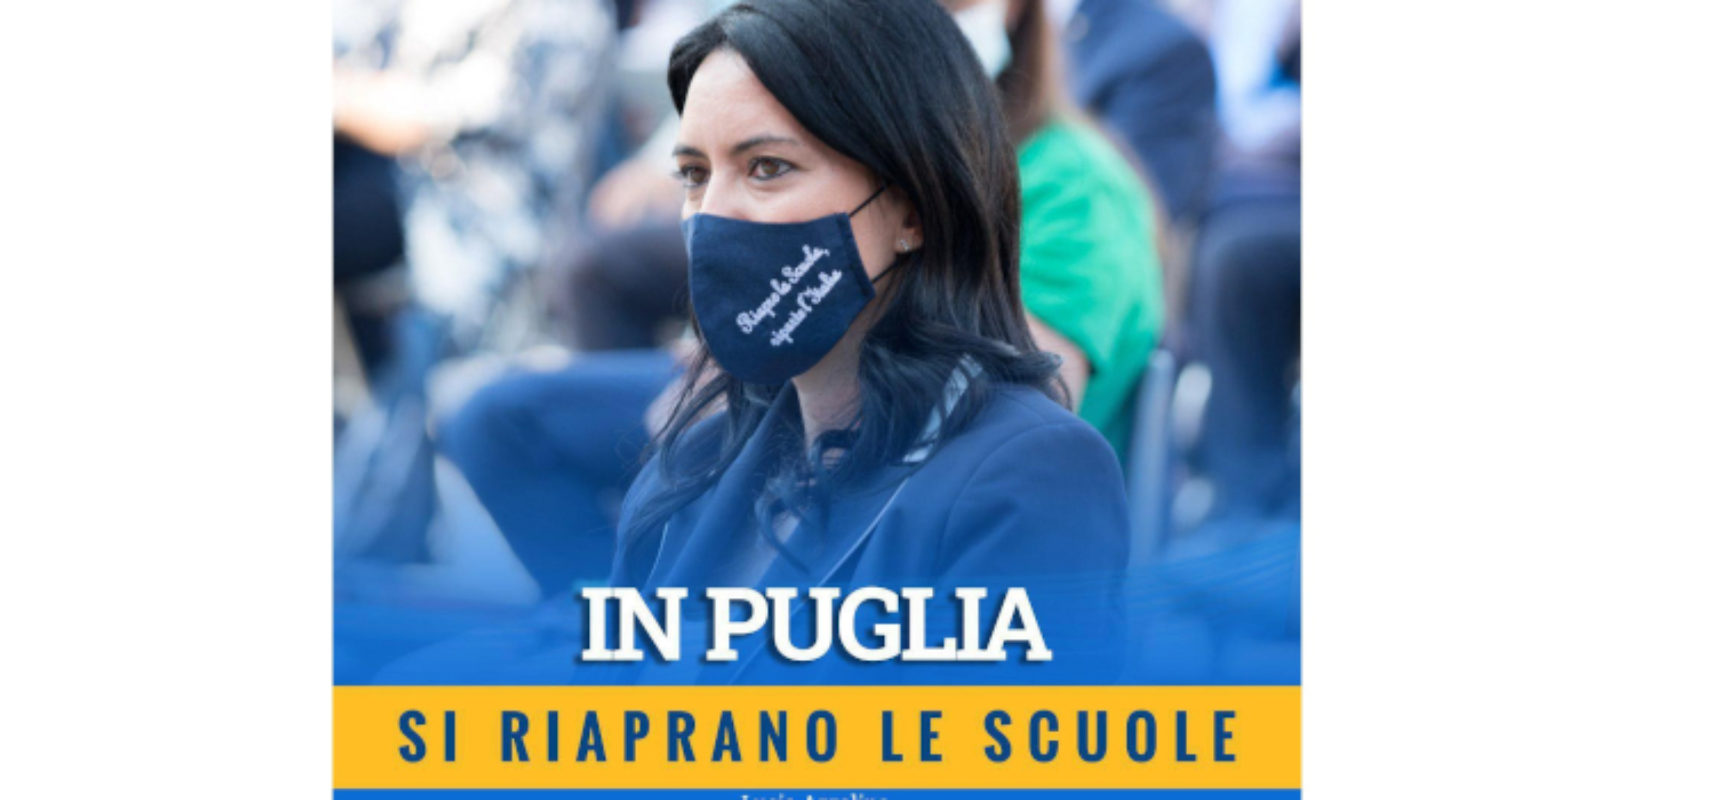 """Ministra Azzolina: """"In Puglia si riaprano le scuole. I contagi avvengono fuori, non negli istituti"""""""